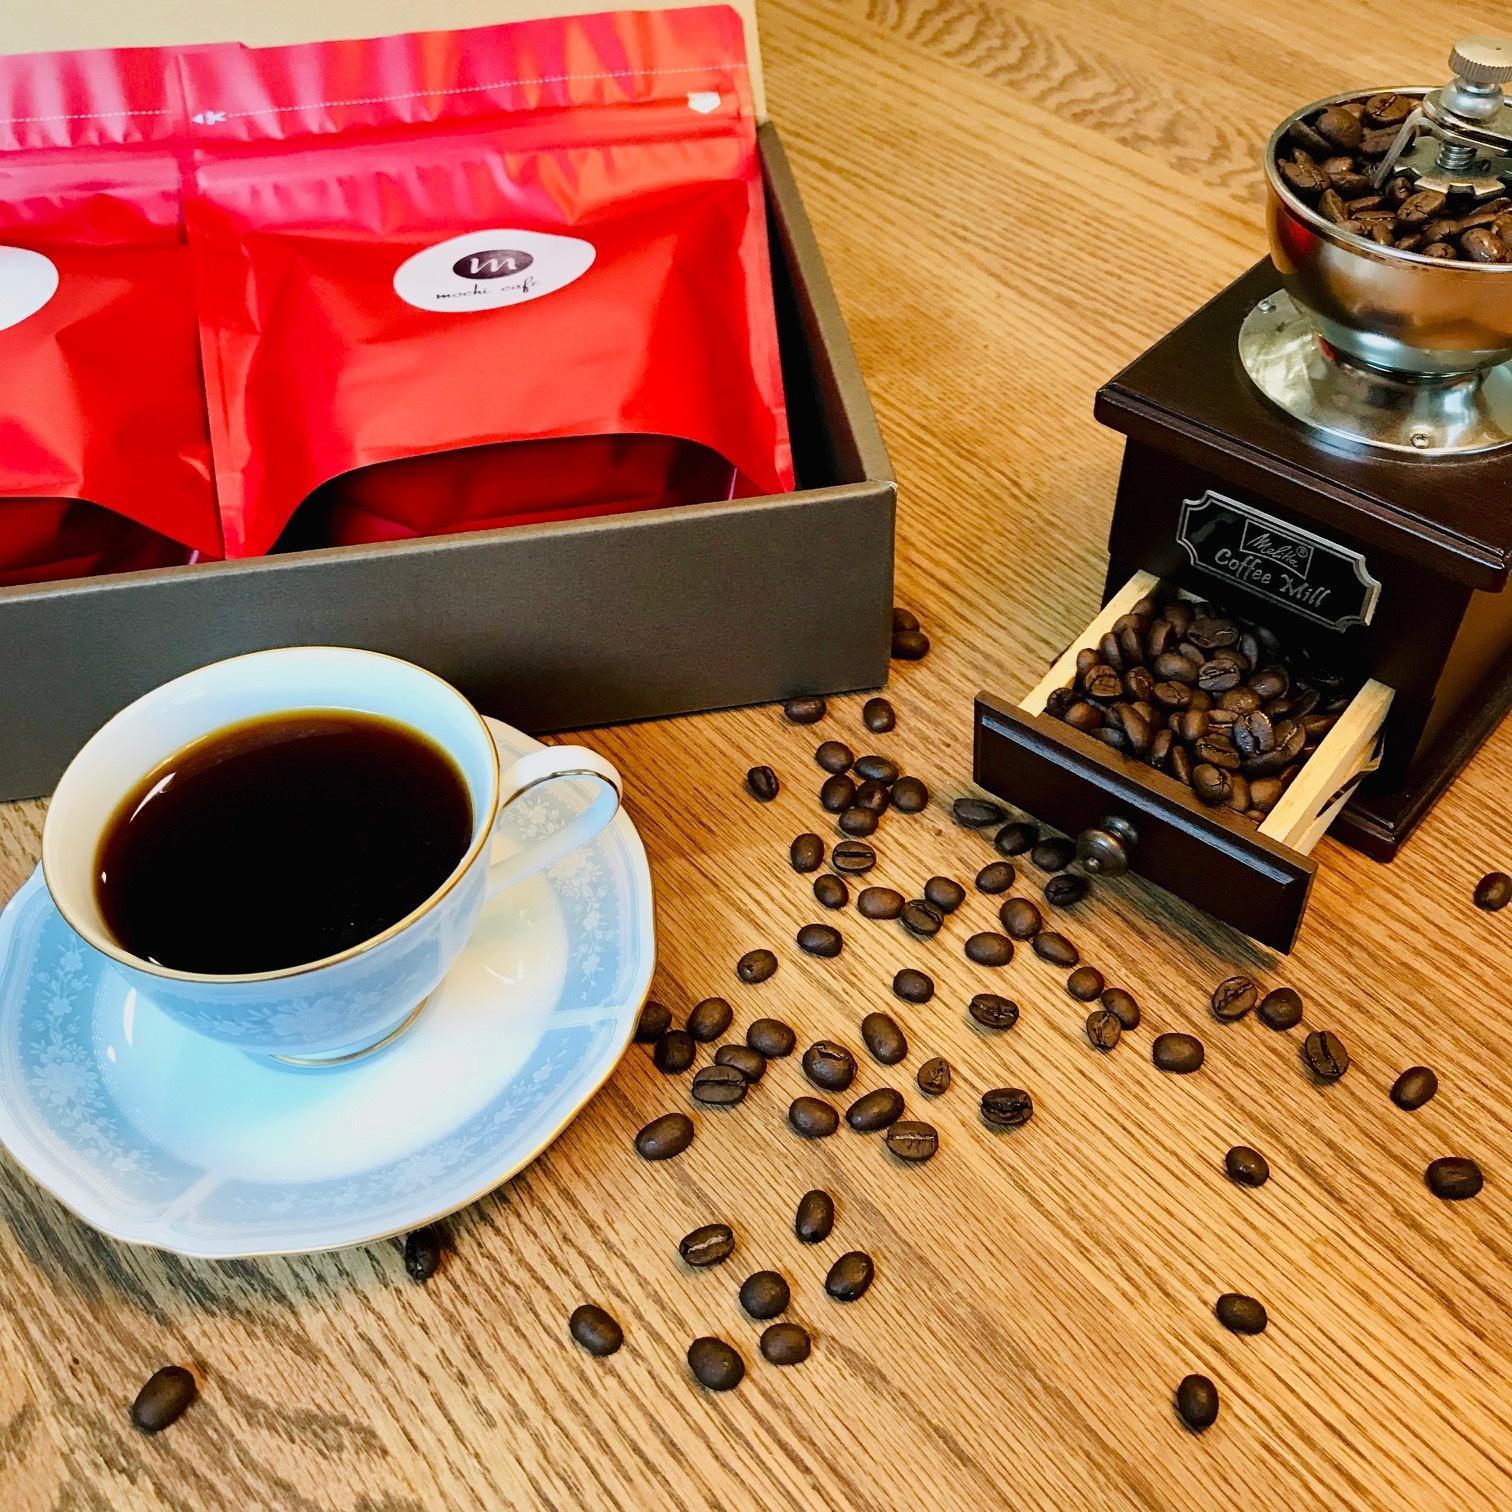 自家焙煎珈琲 mochi cafe 200g×2 オリジナルブレンドギフトセット